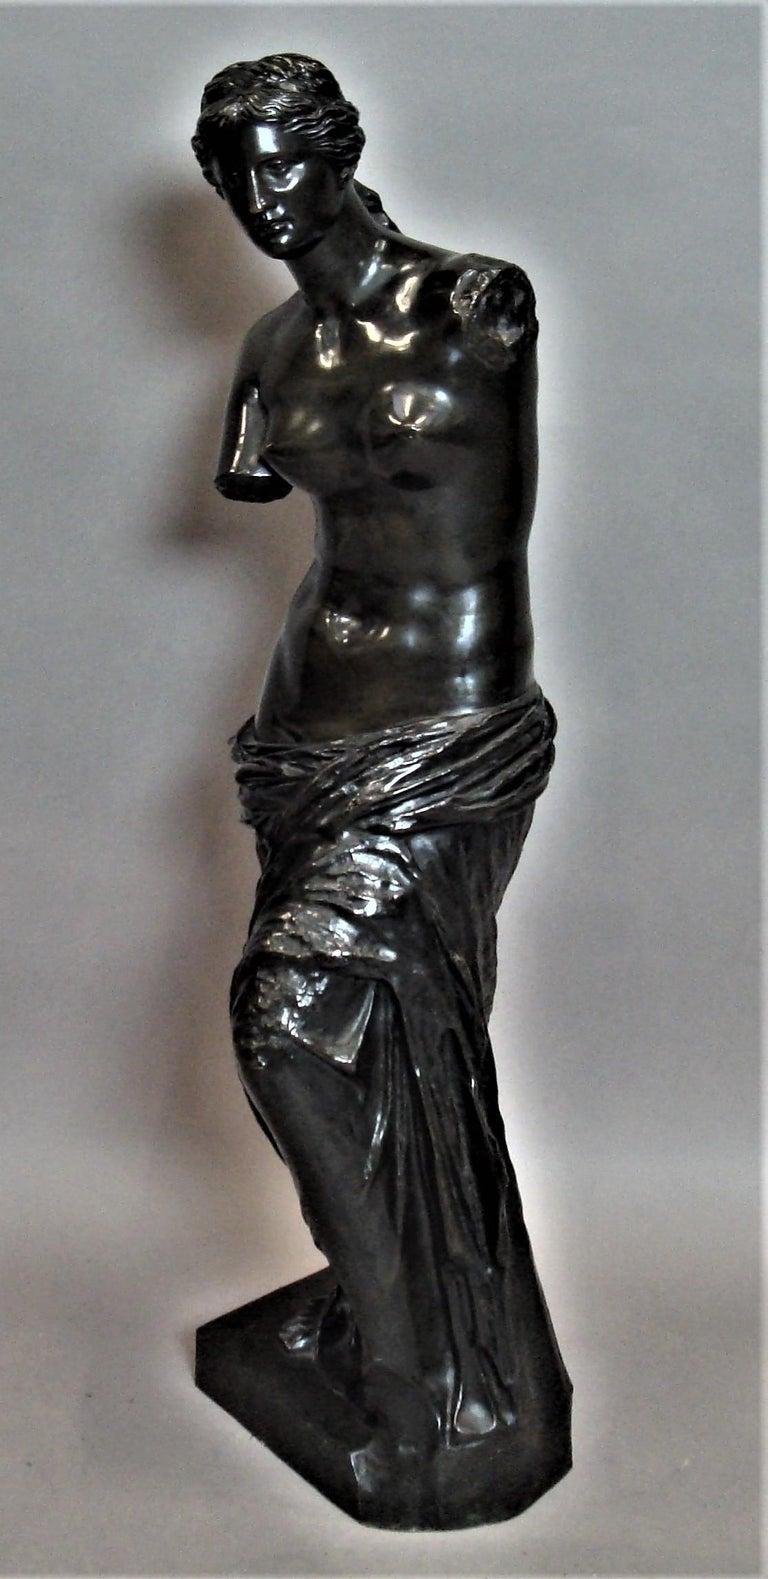 19th Century Large Bronze Grand Tour Sculpture of Venus de Milo For Sale 3